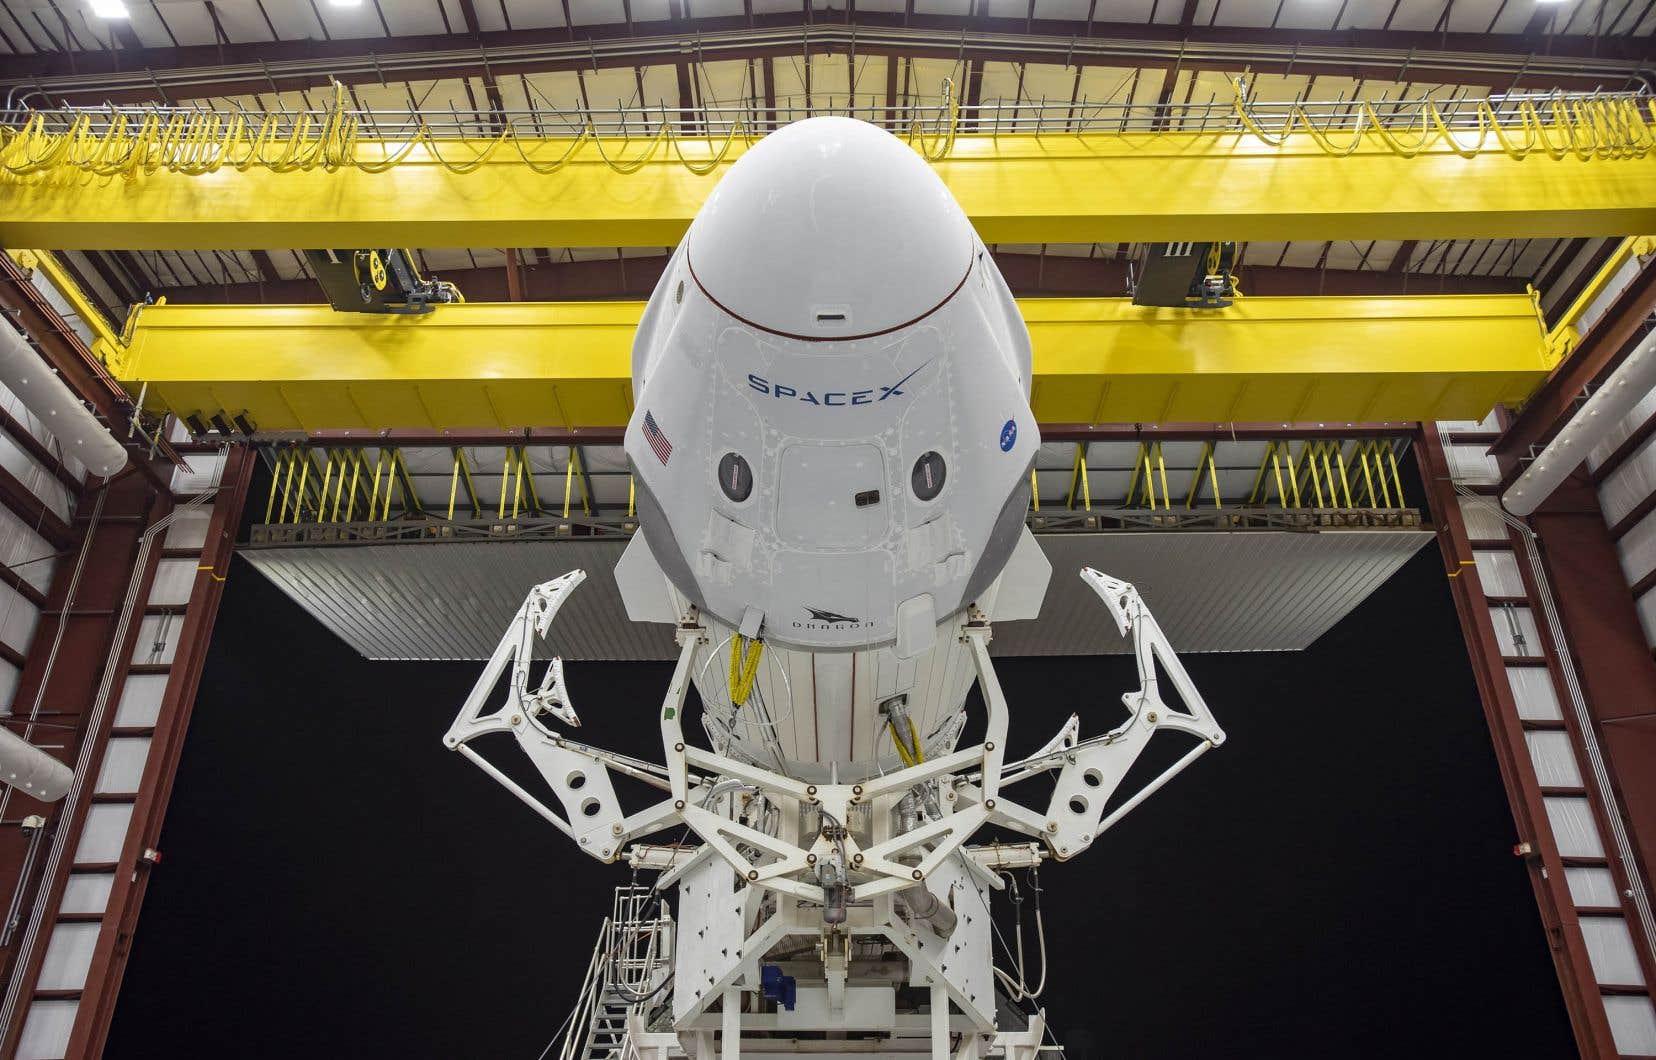 Deux astronautes, Bob Behnken et Doug Hurley, en quarantaine stricte depuis deux semaines, voleront à bord de la capsule flambant neuve Crew Dragon, lancée par une fusée Falcon 9 de SpaceX, une compagnie fondée en 2002 par le trentenaire Elon Musk, génial et impétueux patron obsédé par Mars, qui a fait fortune avec PayPal et aussi créé les automobiles électriques Tesla.